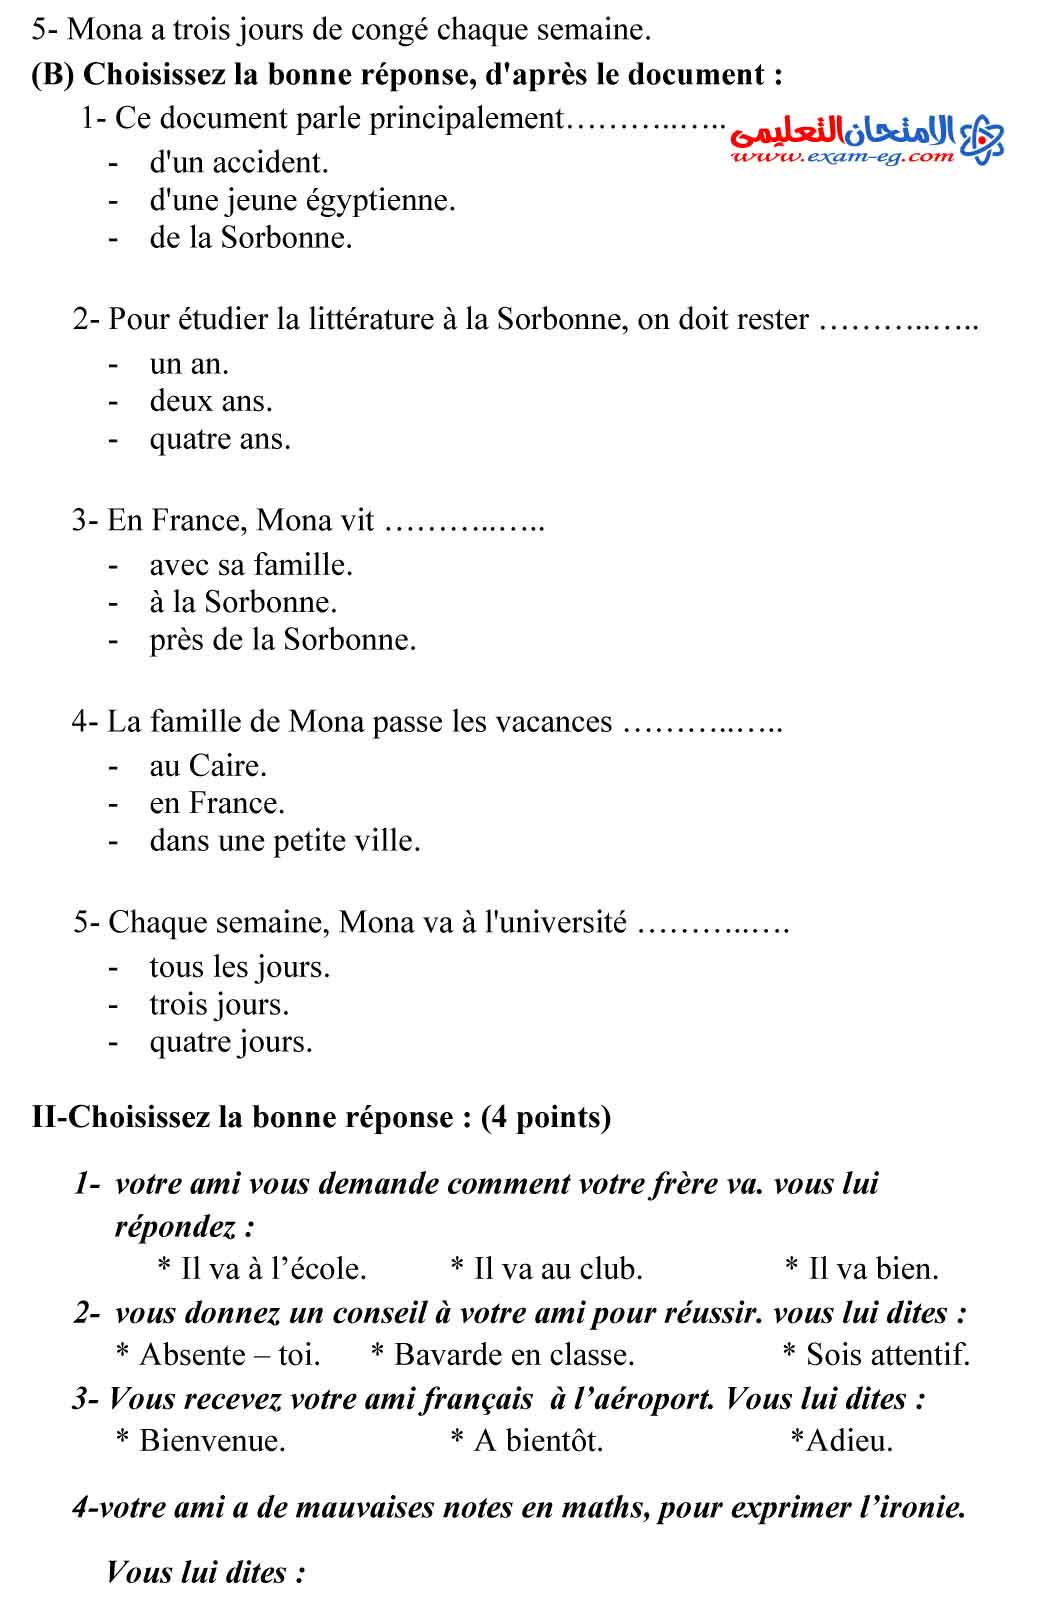 لغة فرنسية 4 - مدرسة اون لاين-2